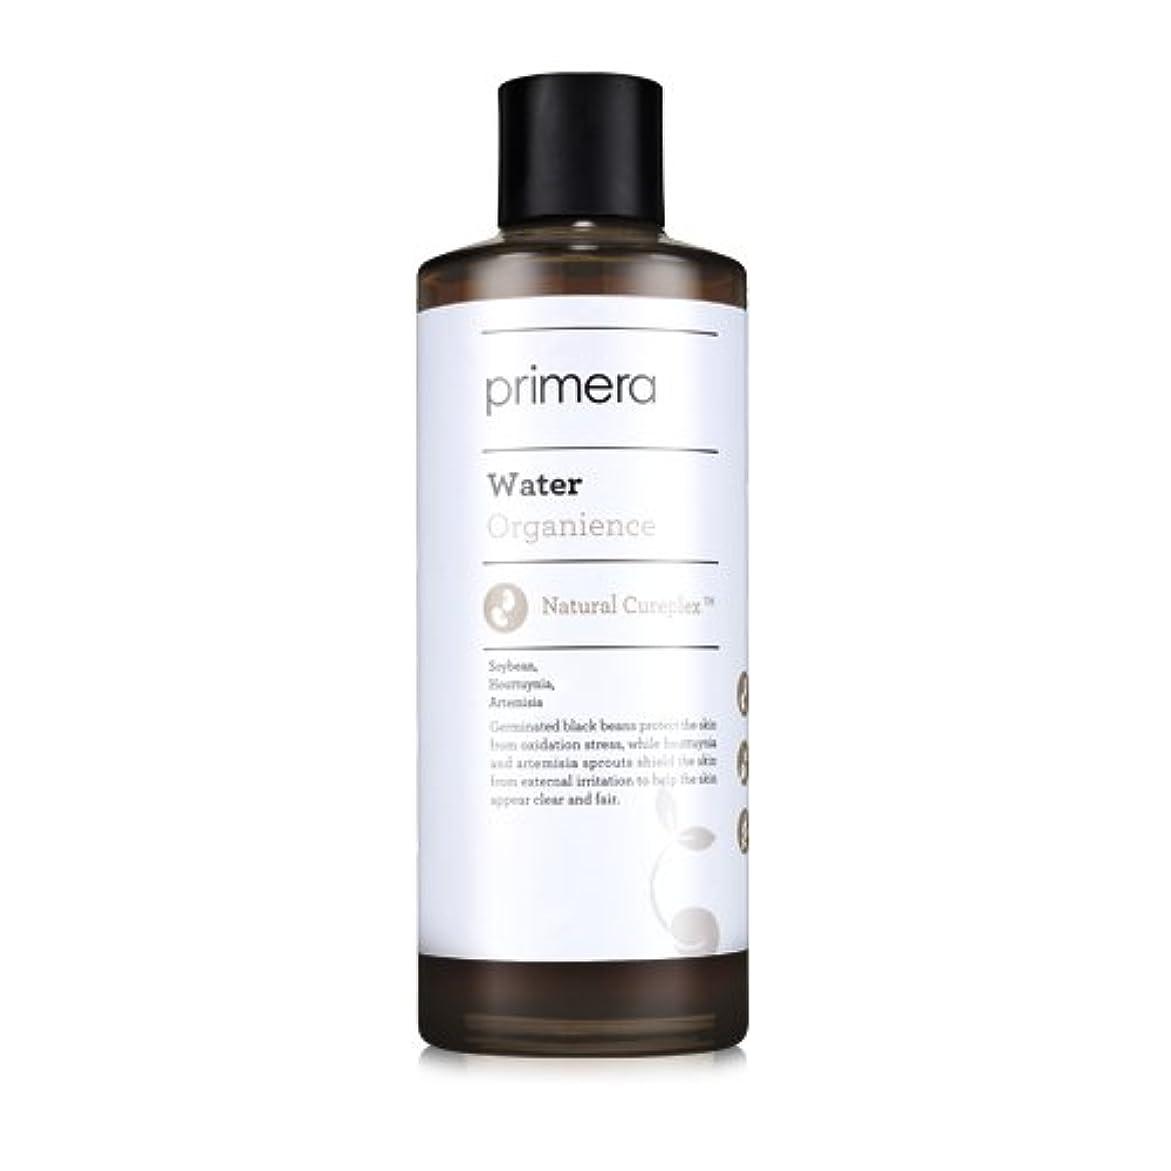 遅れ容器機知に富んだPRIMERA プリメラ オーガニエンス エマルジョン(Organience Emulsion)乳液 150ml